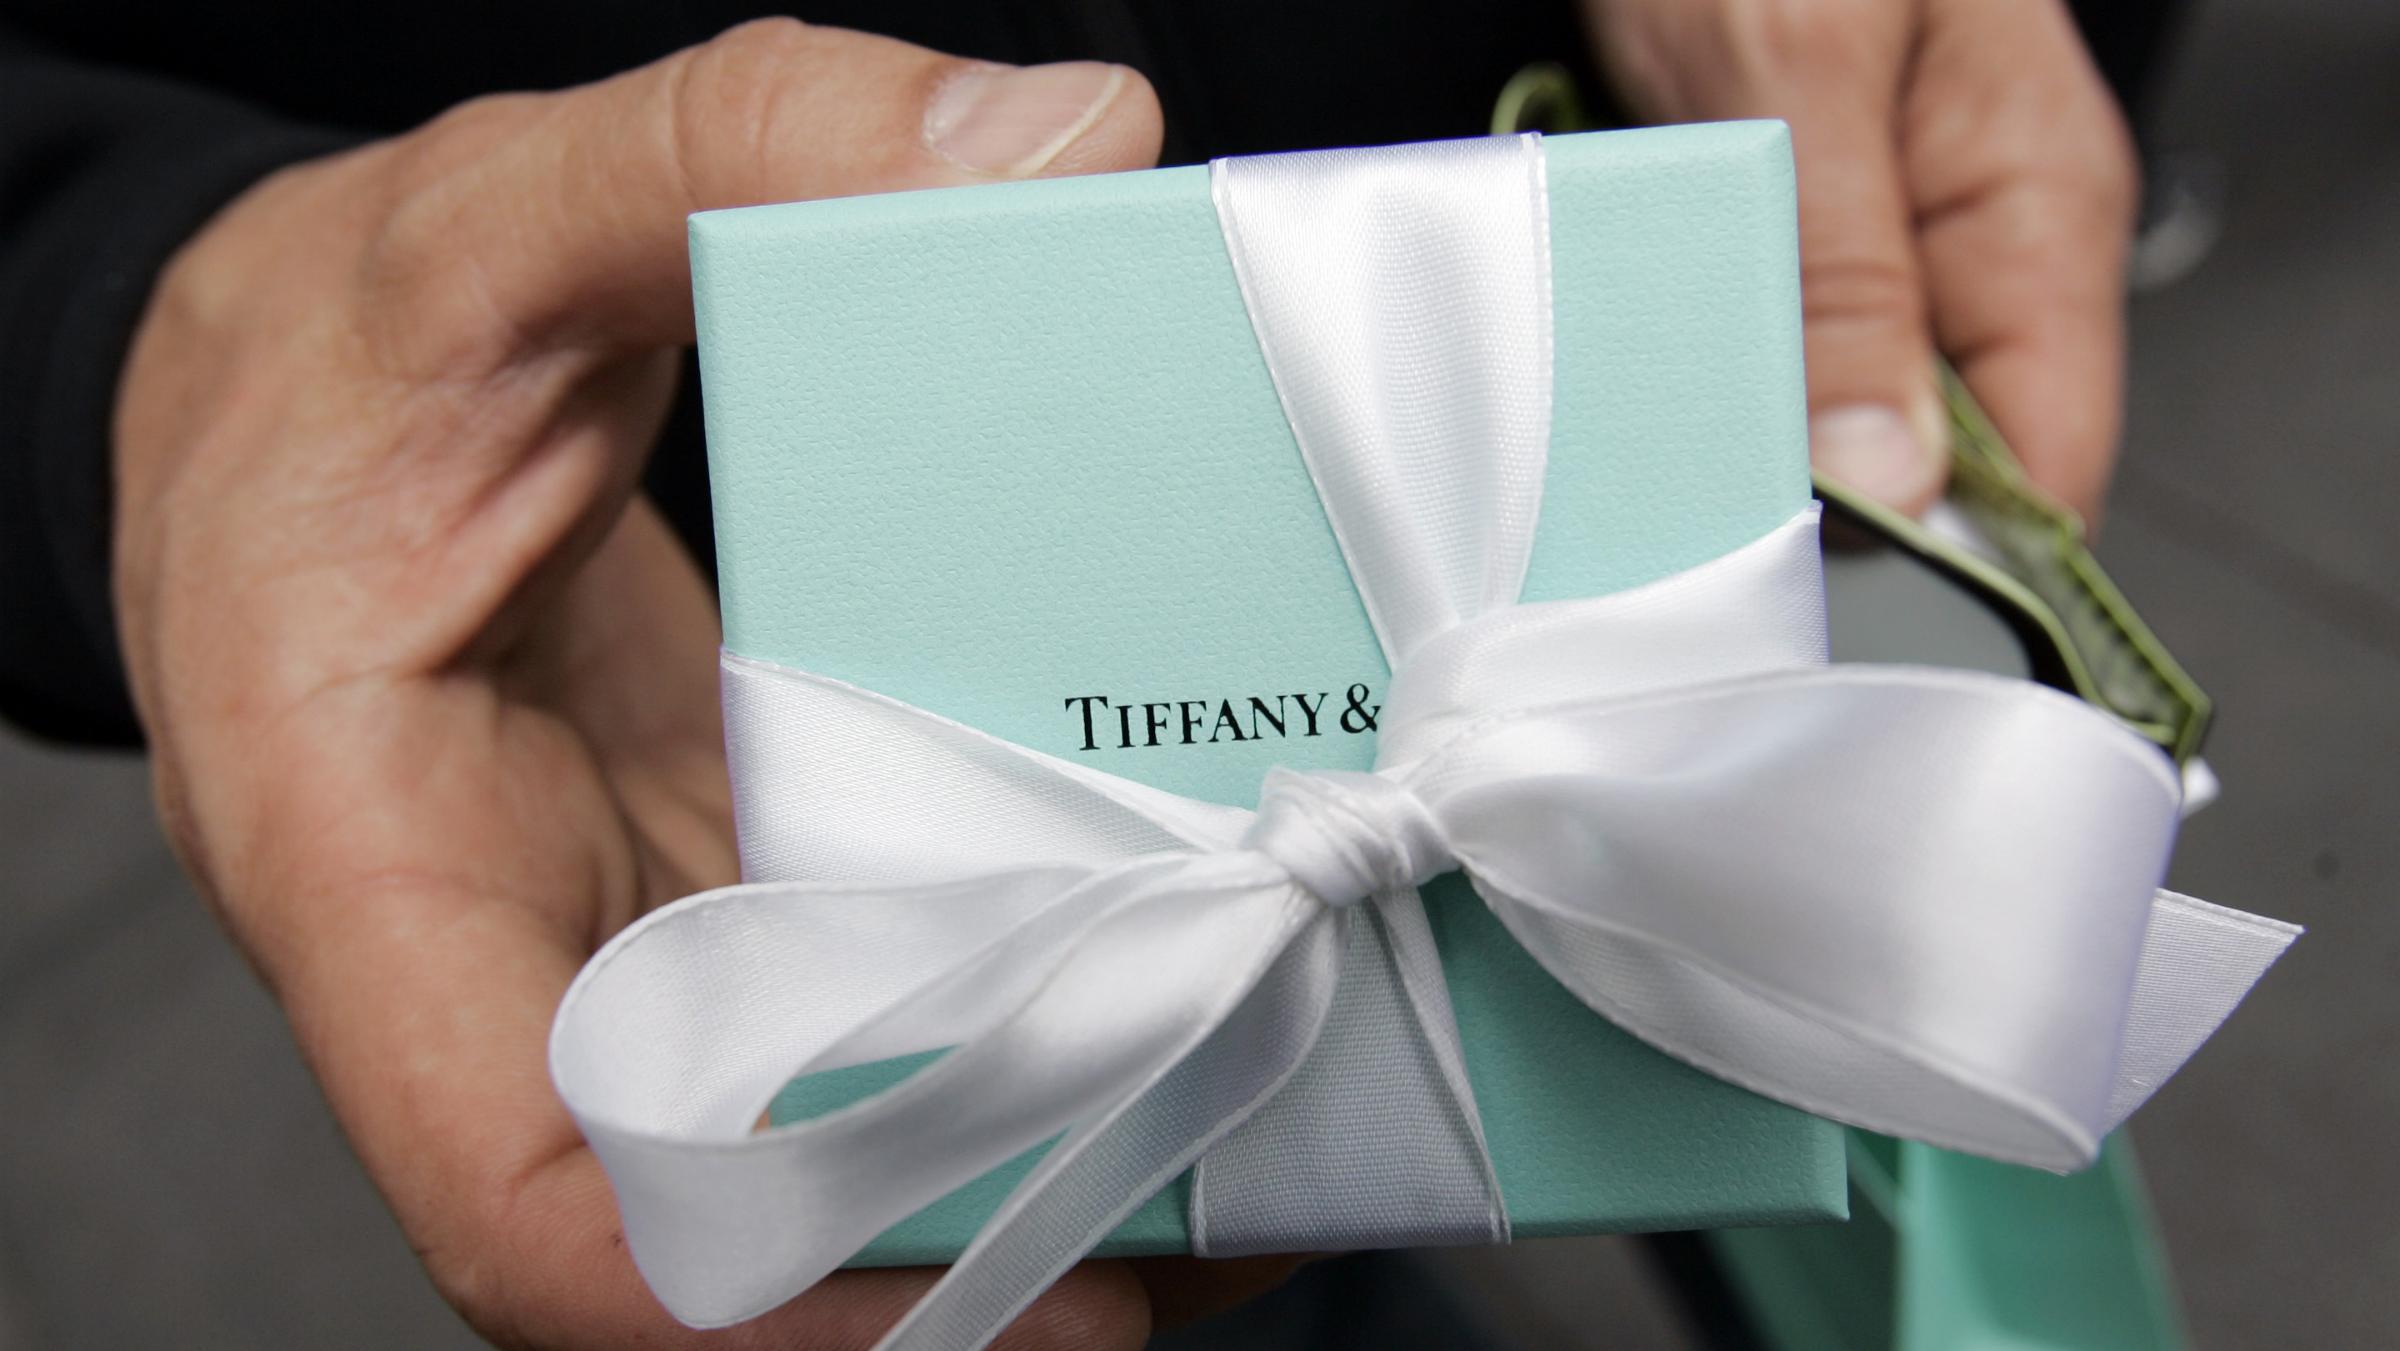 Tiffany Earnings Luxury Brands